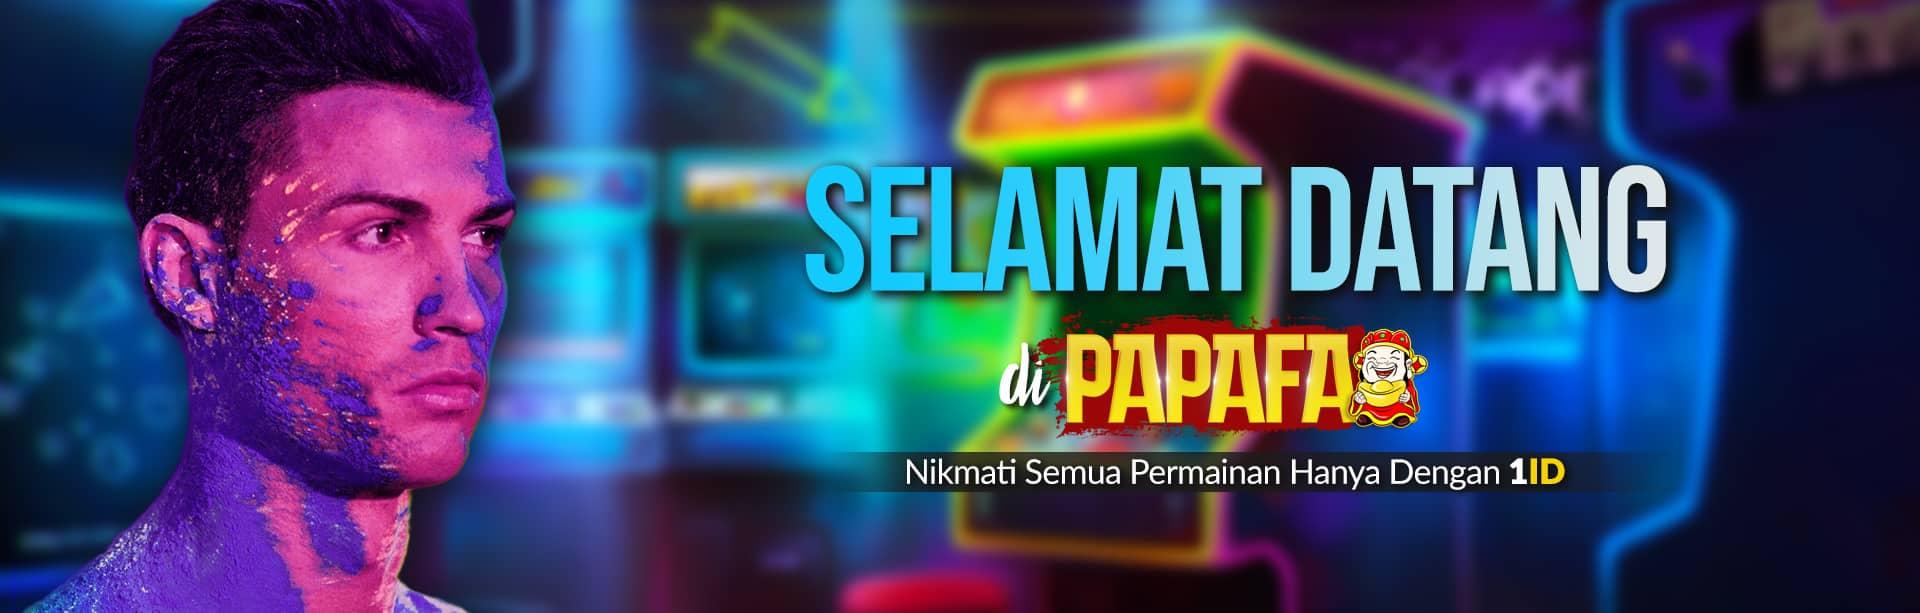 Selamat Datang Di Situs Judi Online Papafa